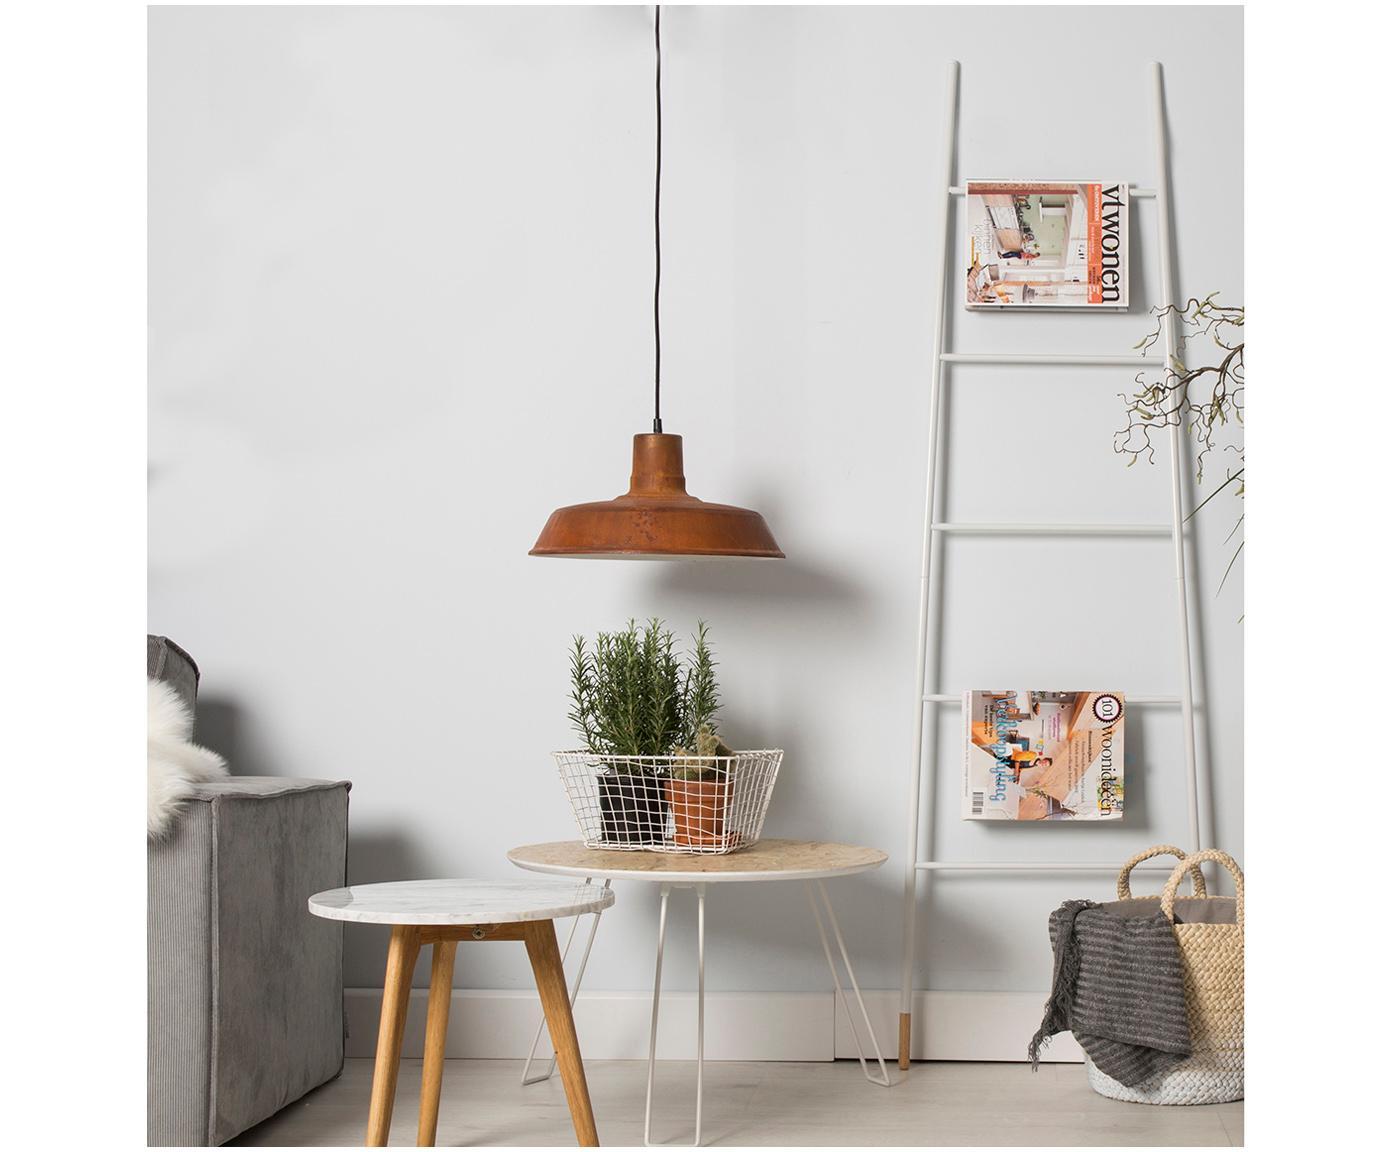 Handdoekrek Rack ladder, Poten: natuurlijk gelakt rubberh, Wit, 54 x 175 cm